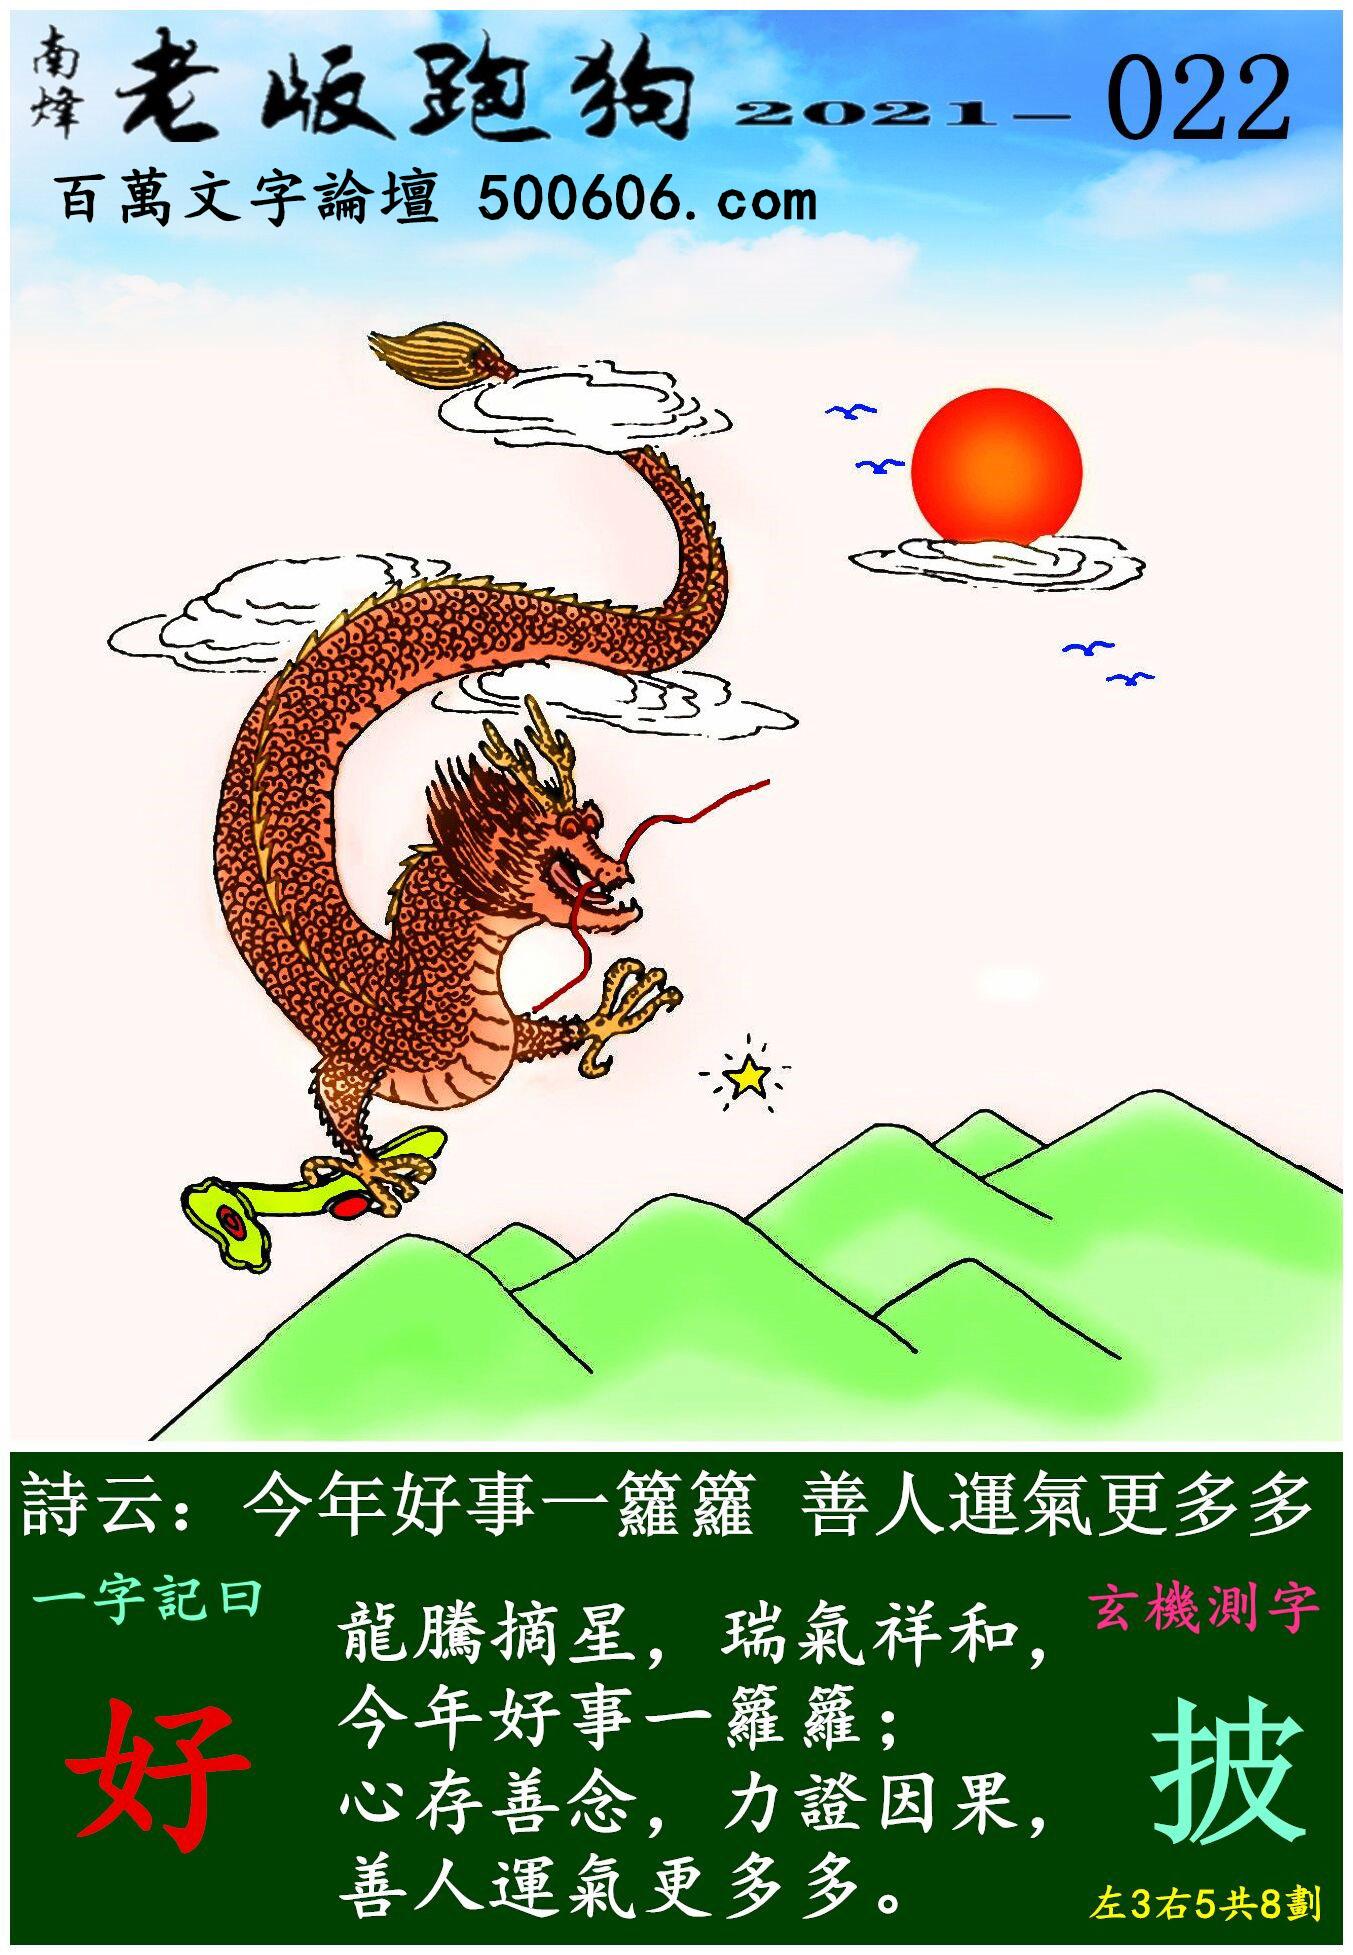 022期老版跑狗一字�之曰:【好】 ��:今年好事一�j�j,善人�\�飧�多多。